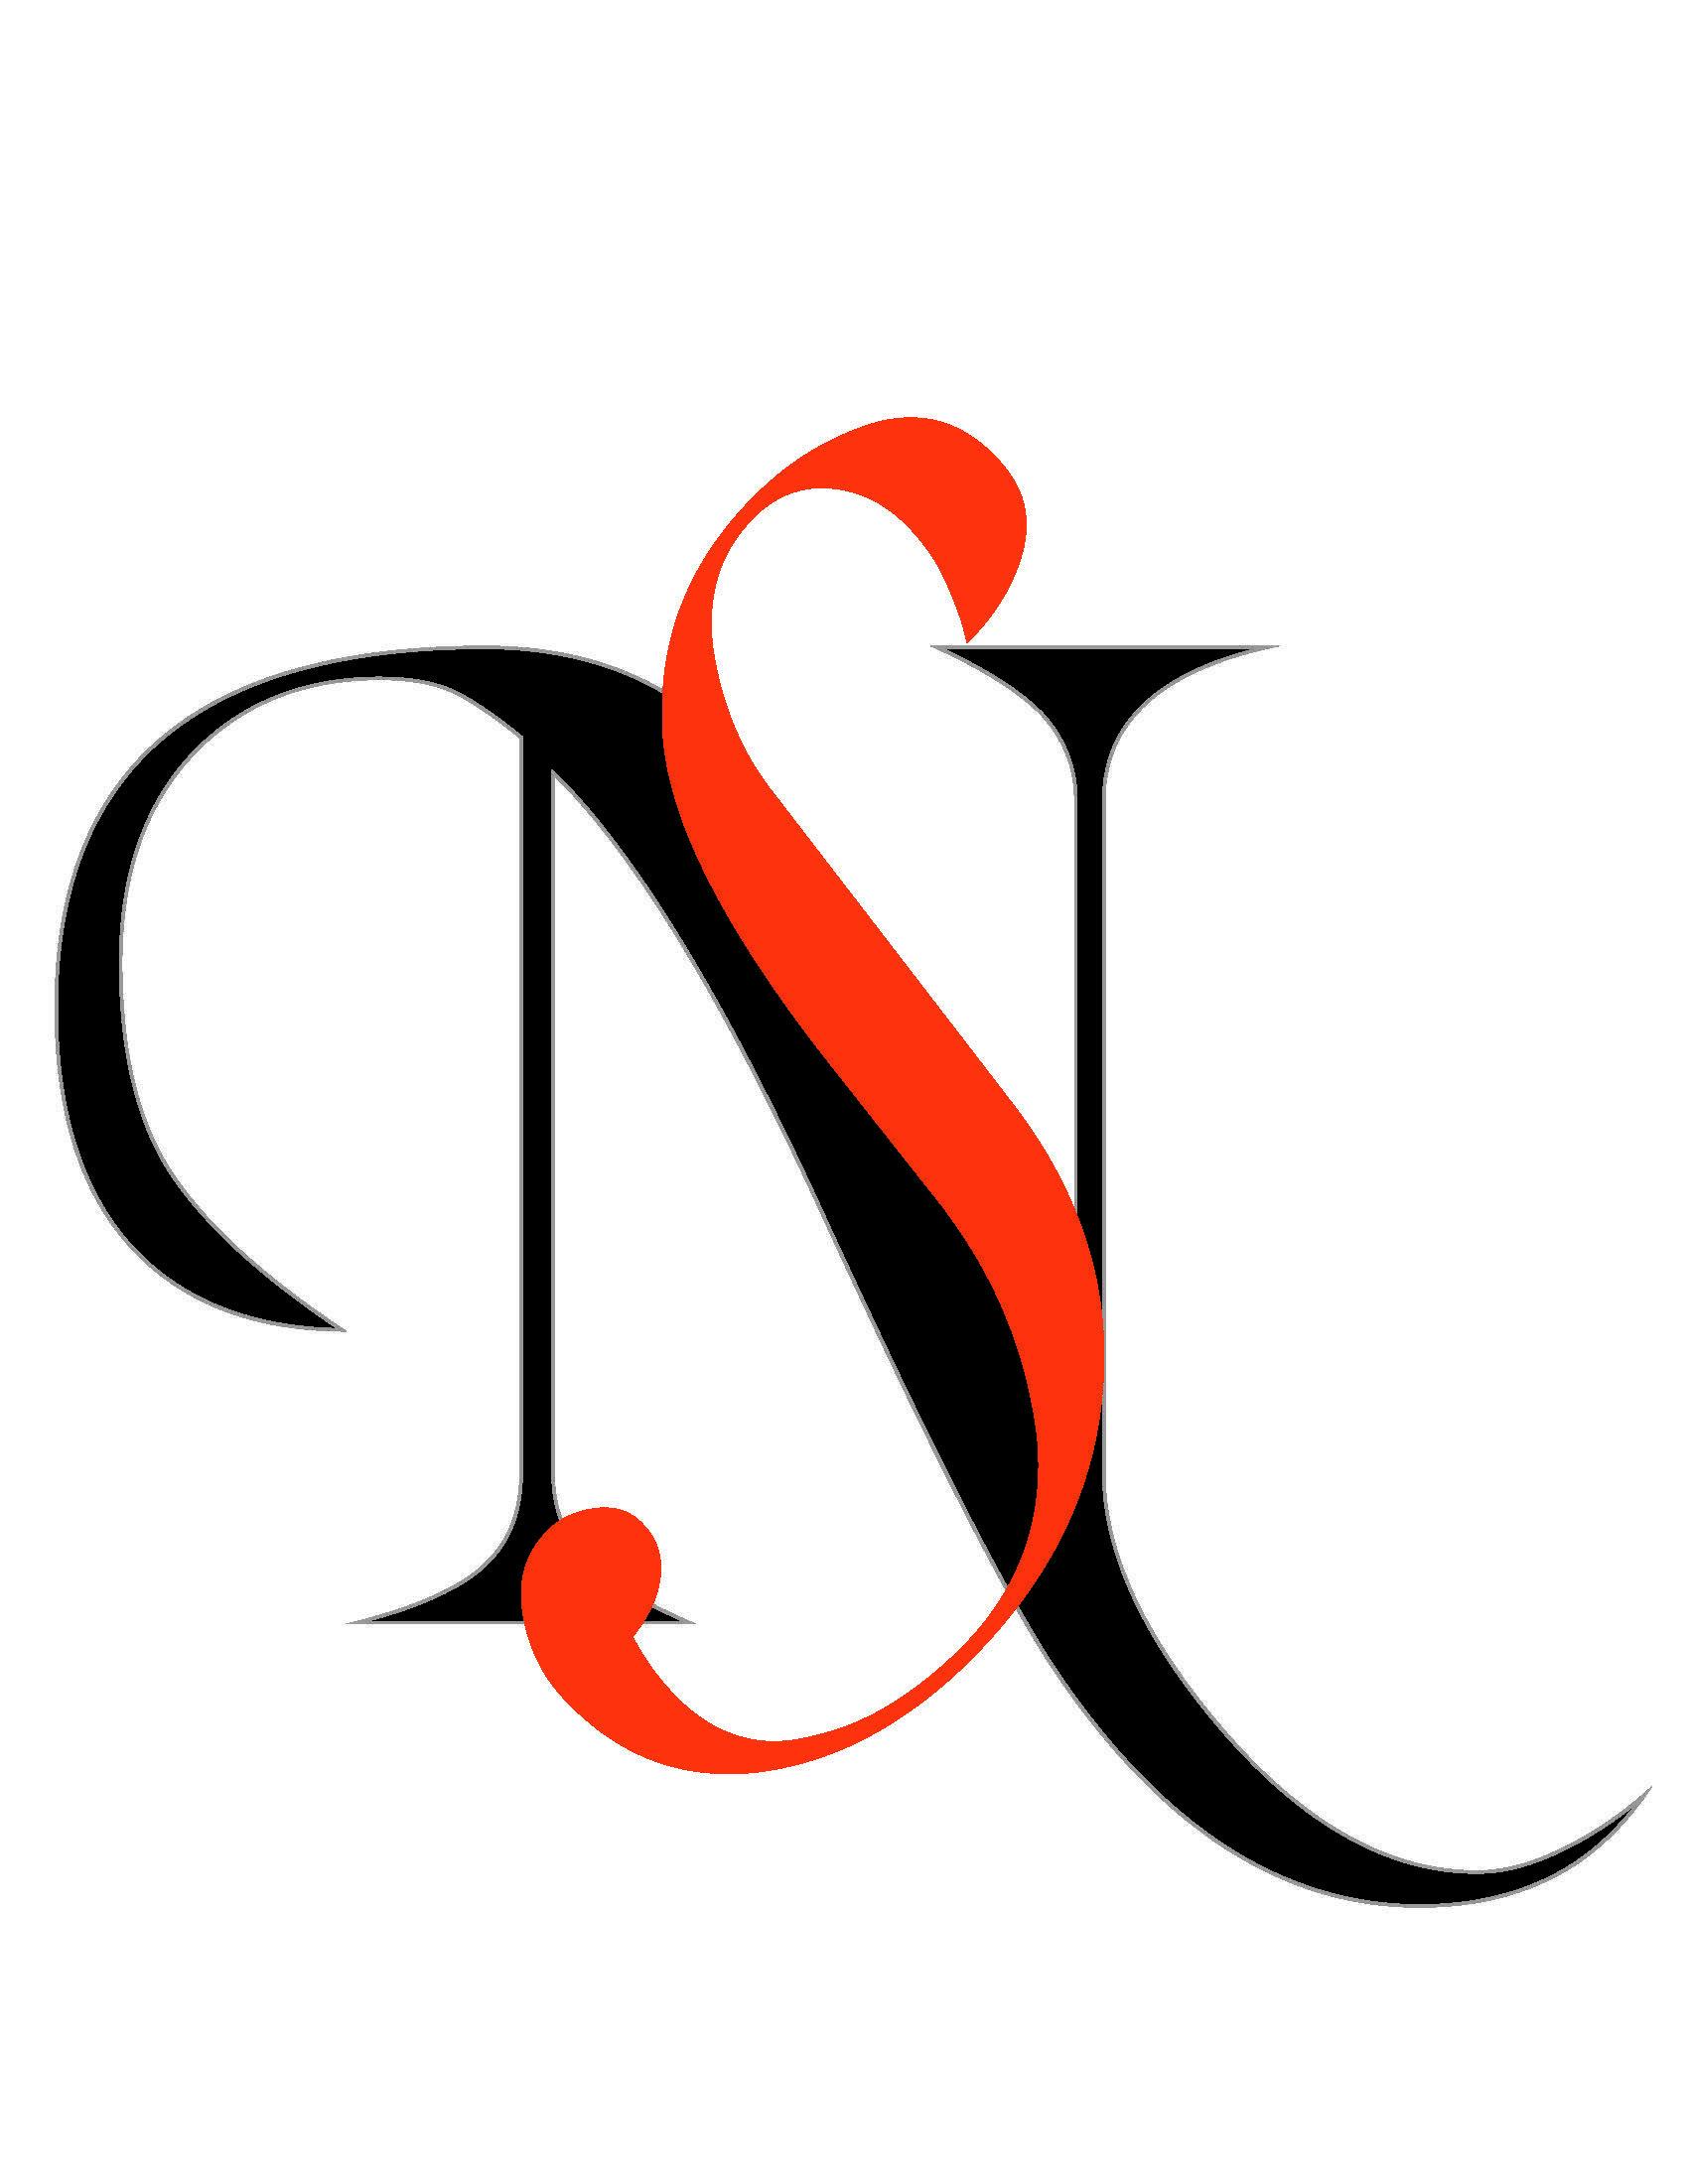 monogram sn.